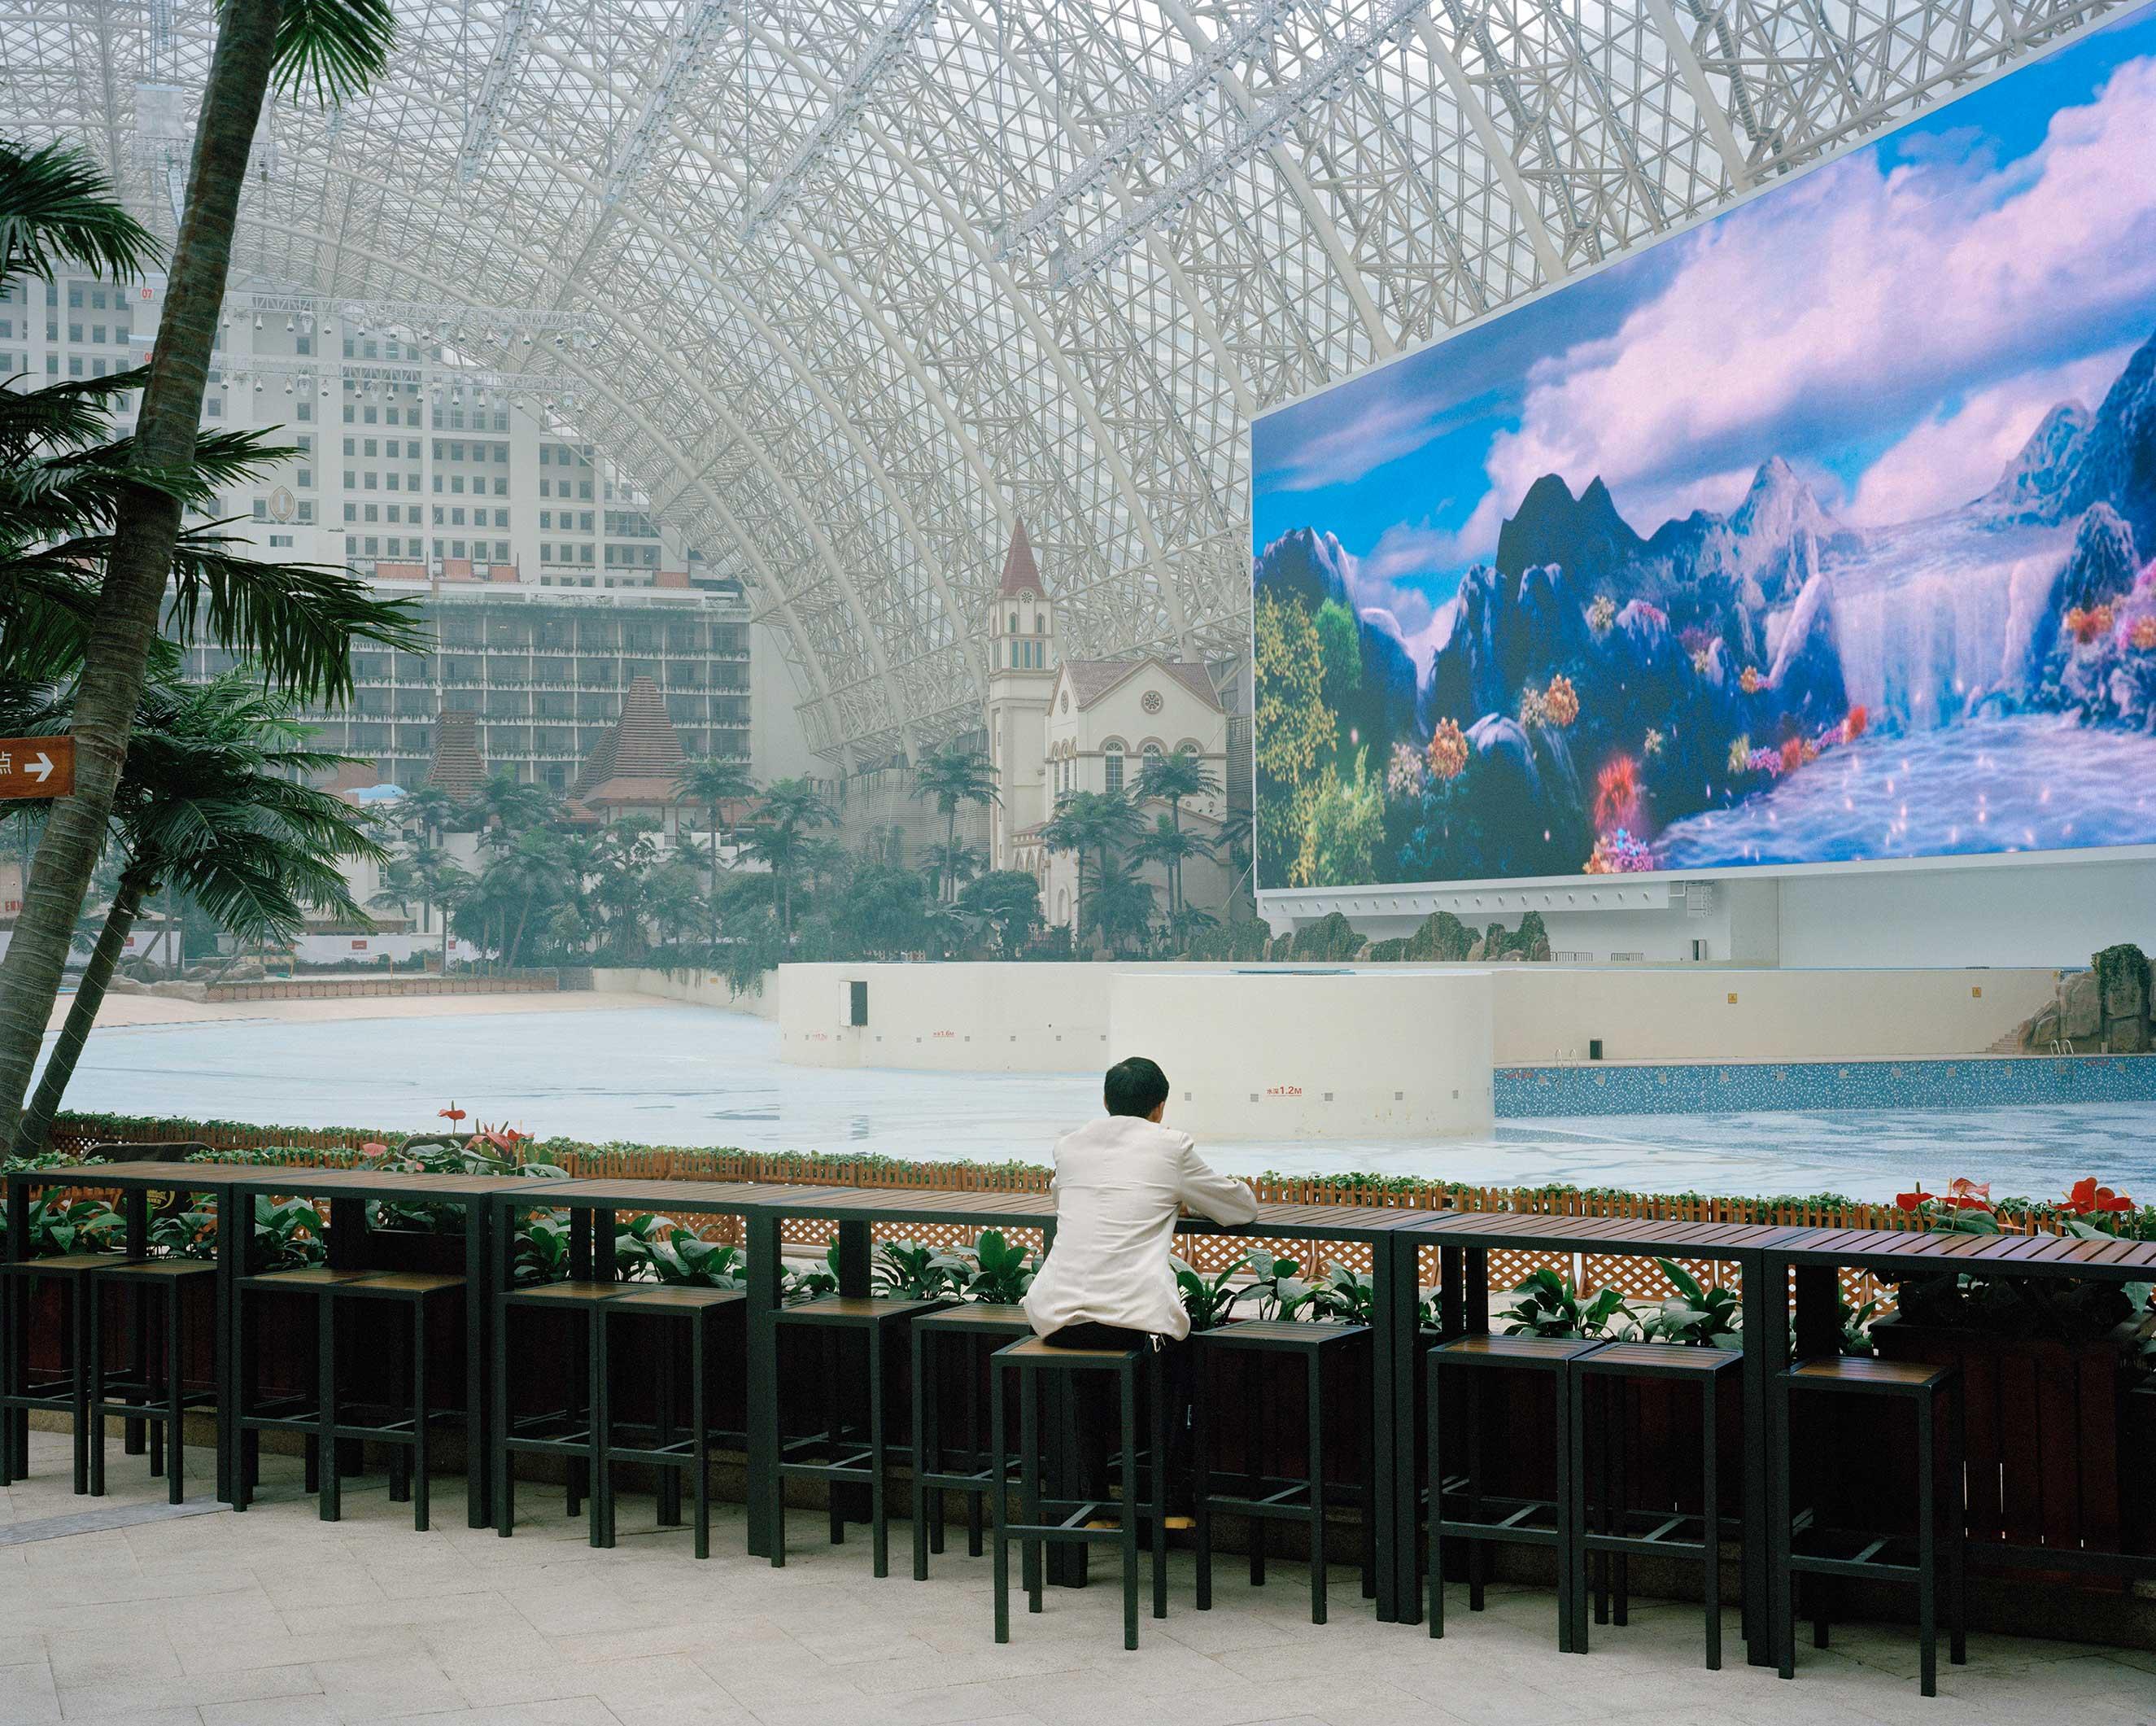 Chengdu, China, January 2015. New Century Global Center, world's biggest mall.